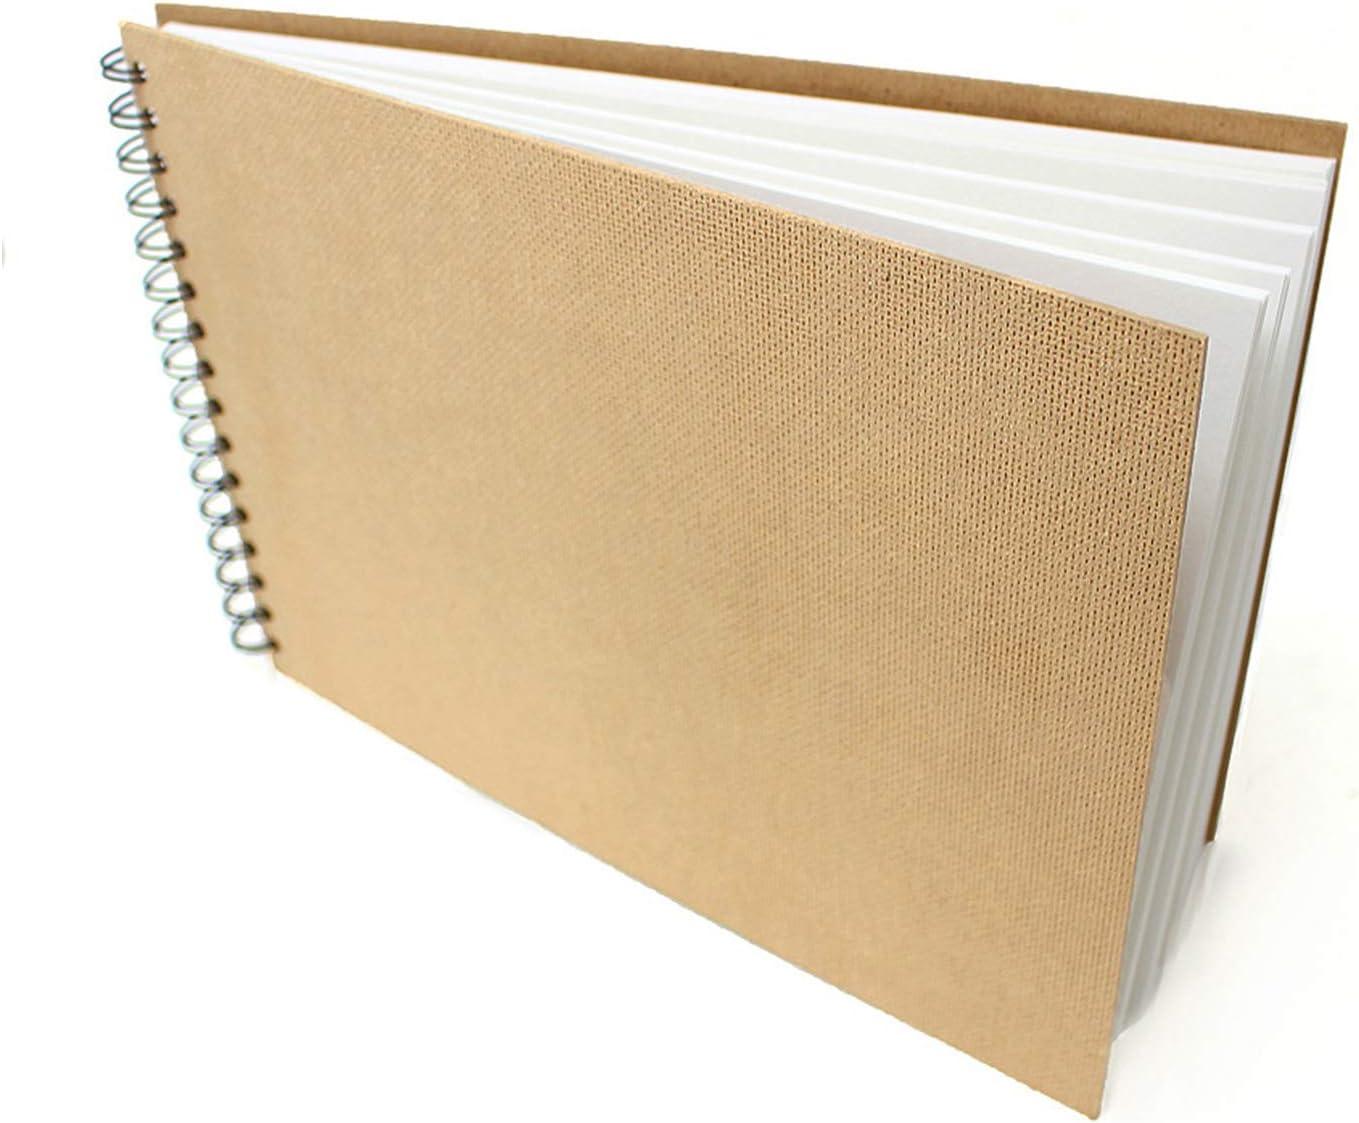 Artway Cuaderno de bocetos, Papel, Blanco, A4 Apaisado